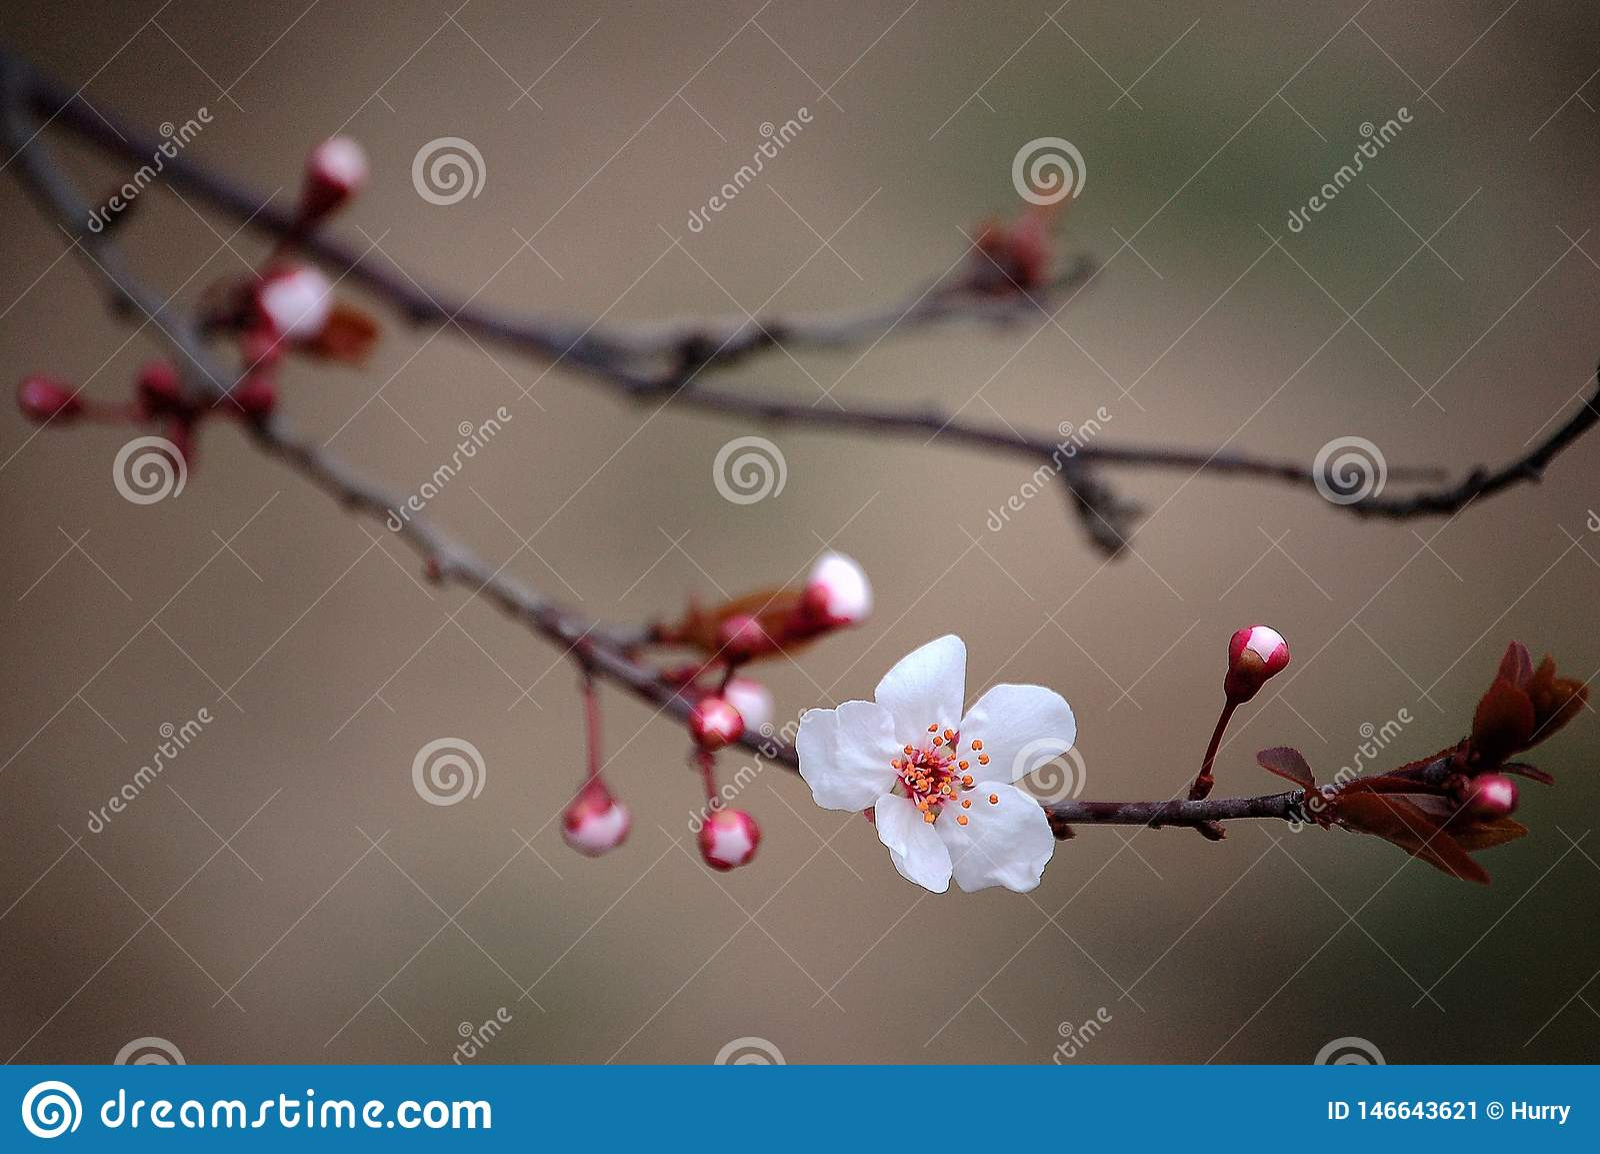 Prunus cerasifera blooming in spring